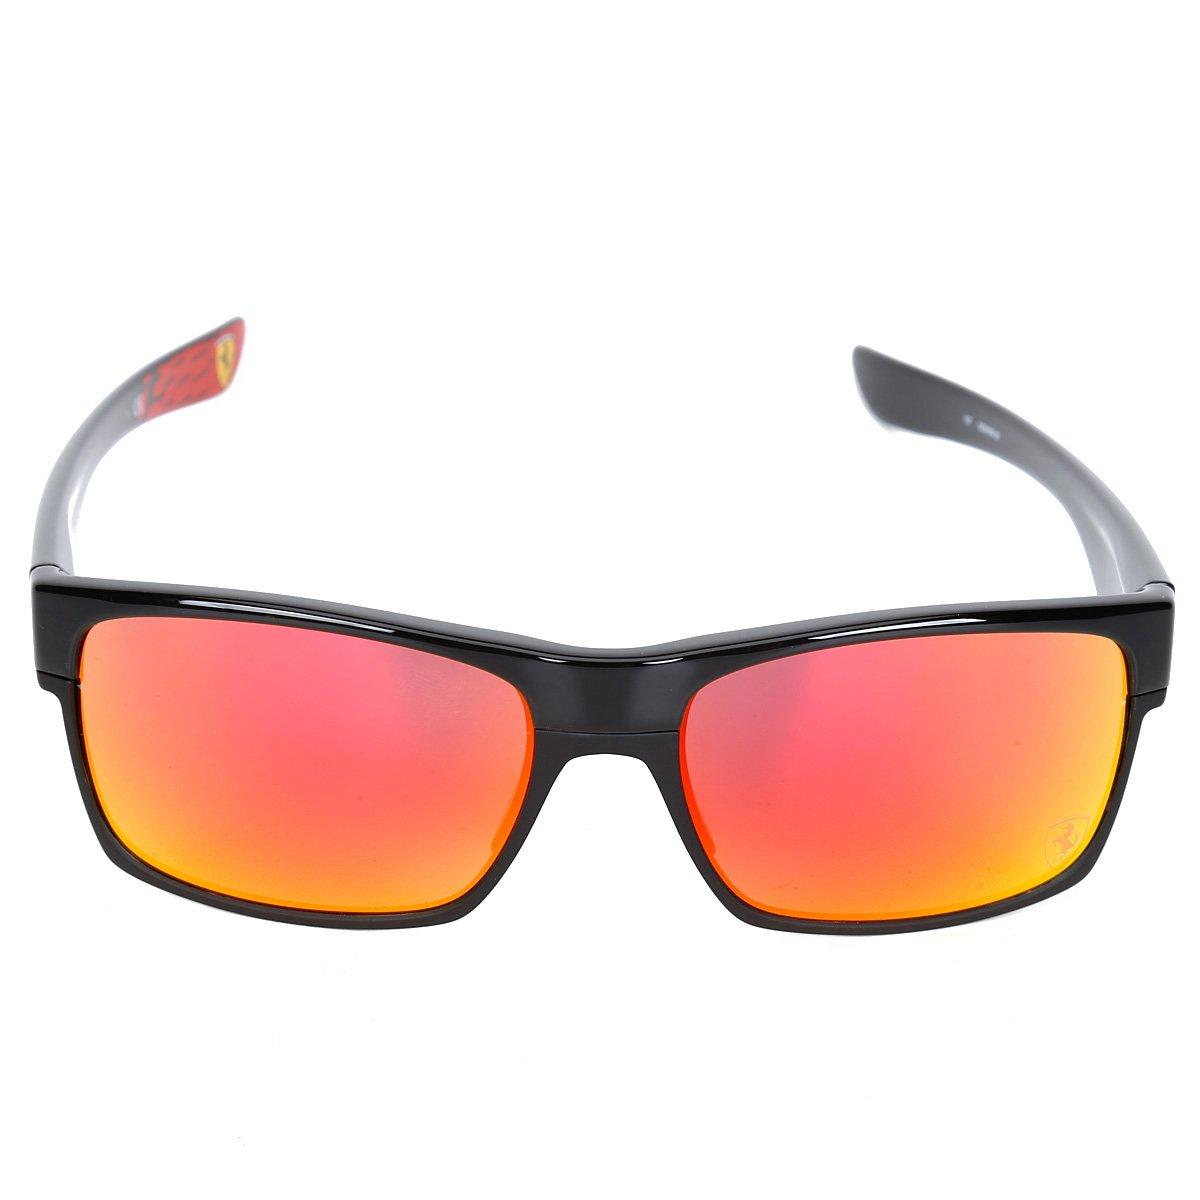 ddb87f550 Óculos Oakley Ferrari TwoFace Polished Ruby Iridium | Livelo -Sua ...